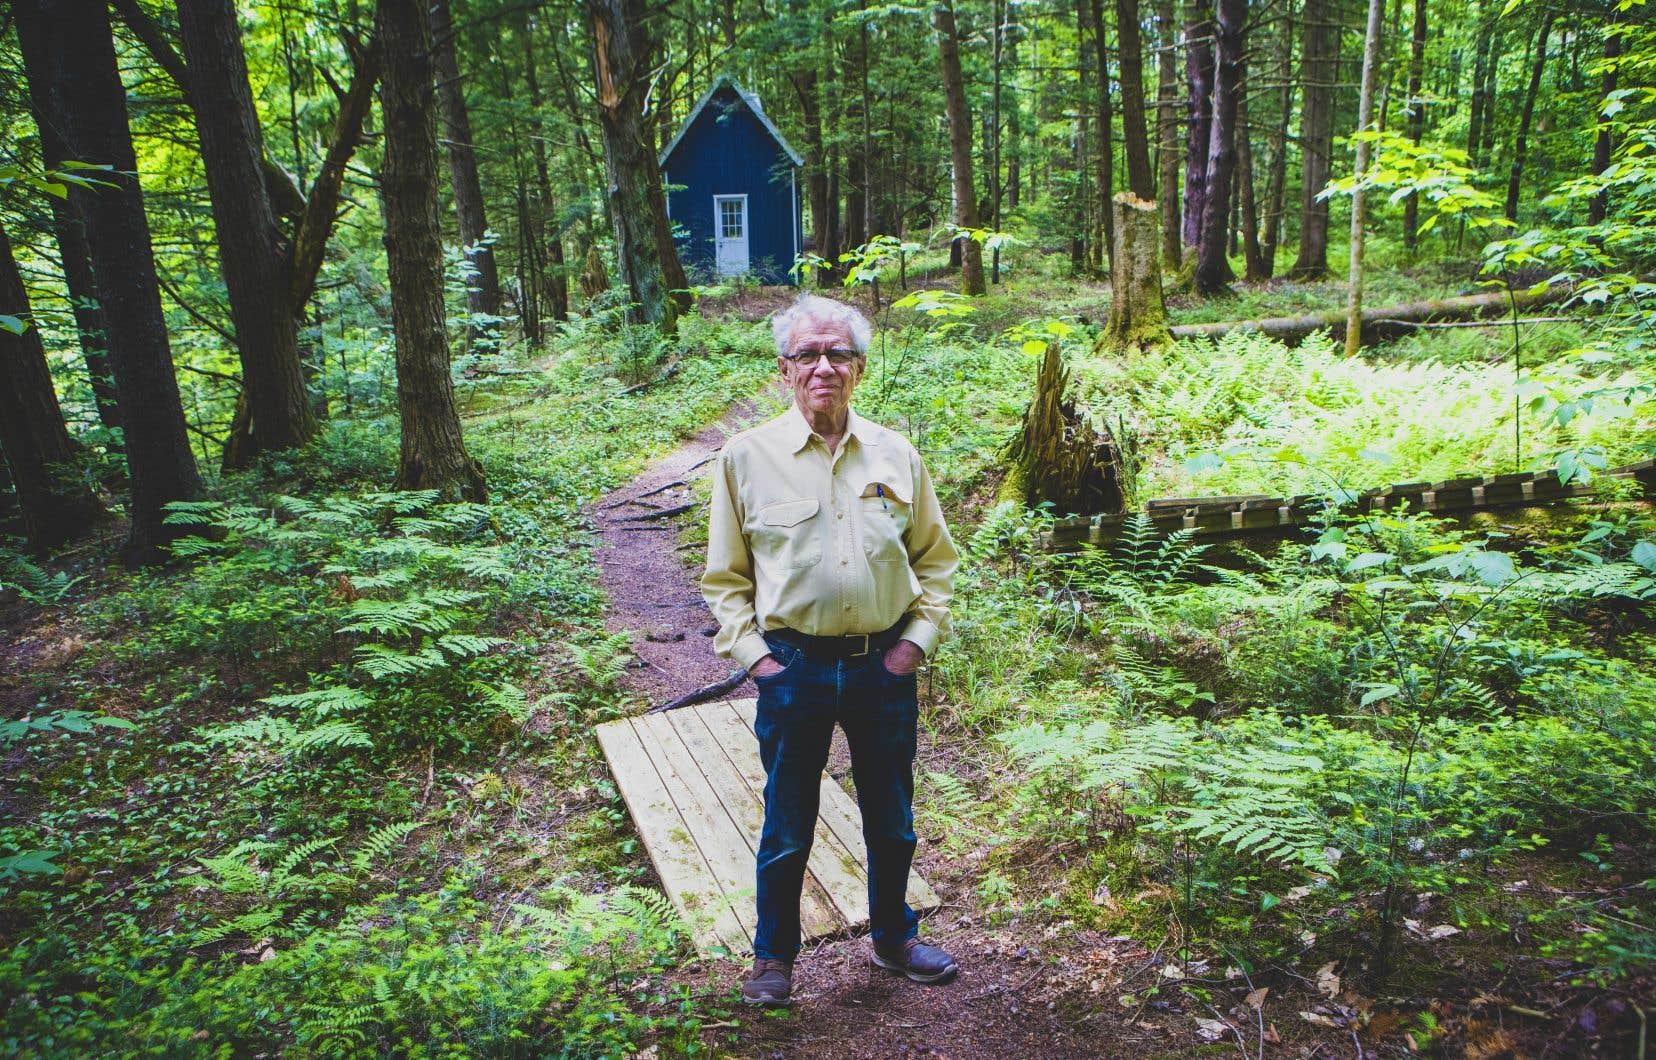 Sa foi dans le roman semble n'avoir rien perdu de sa vigueur. «Écrire, c'est mon supplice favori», reconnaît Yves Beauchemin. À la campagne, il écrit dans une petite cabane qu'il a mis huit ans à construire. «J'en suis bien fier. Au milieu de la forêt, sans téléphone, j'ai la paix.»